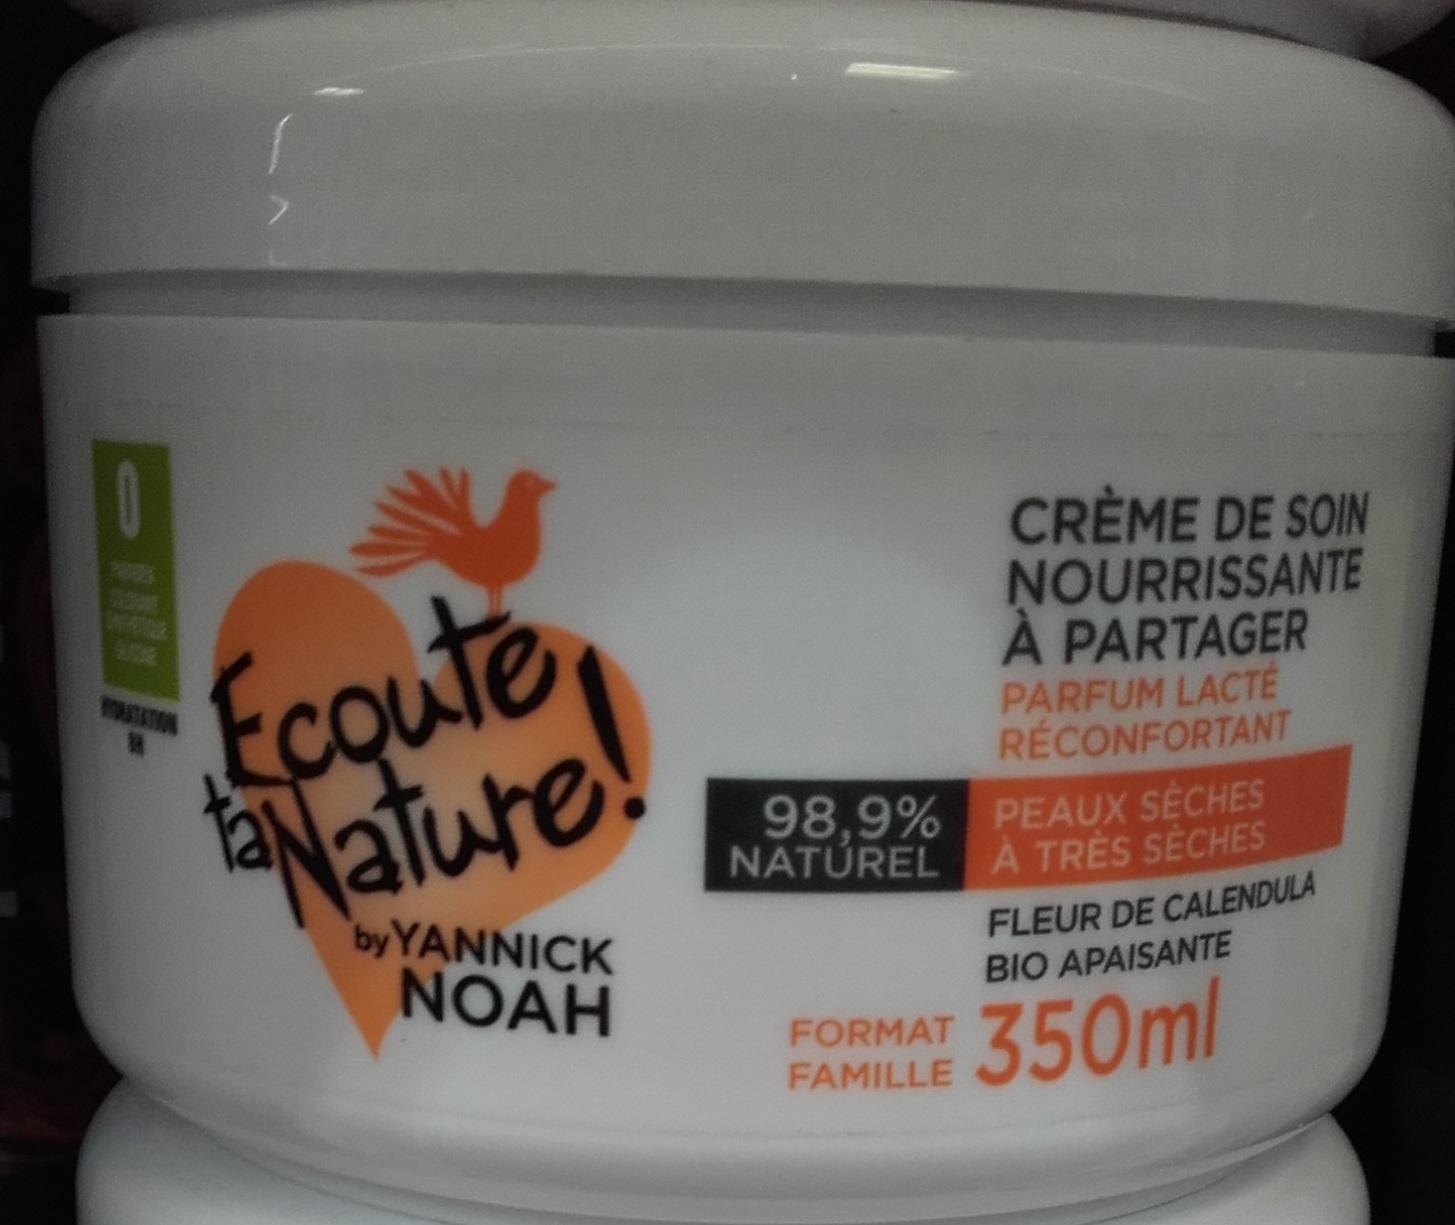 Crème de soin nourrissante à partager - Product